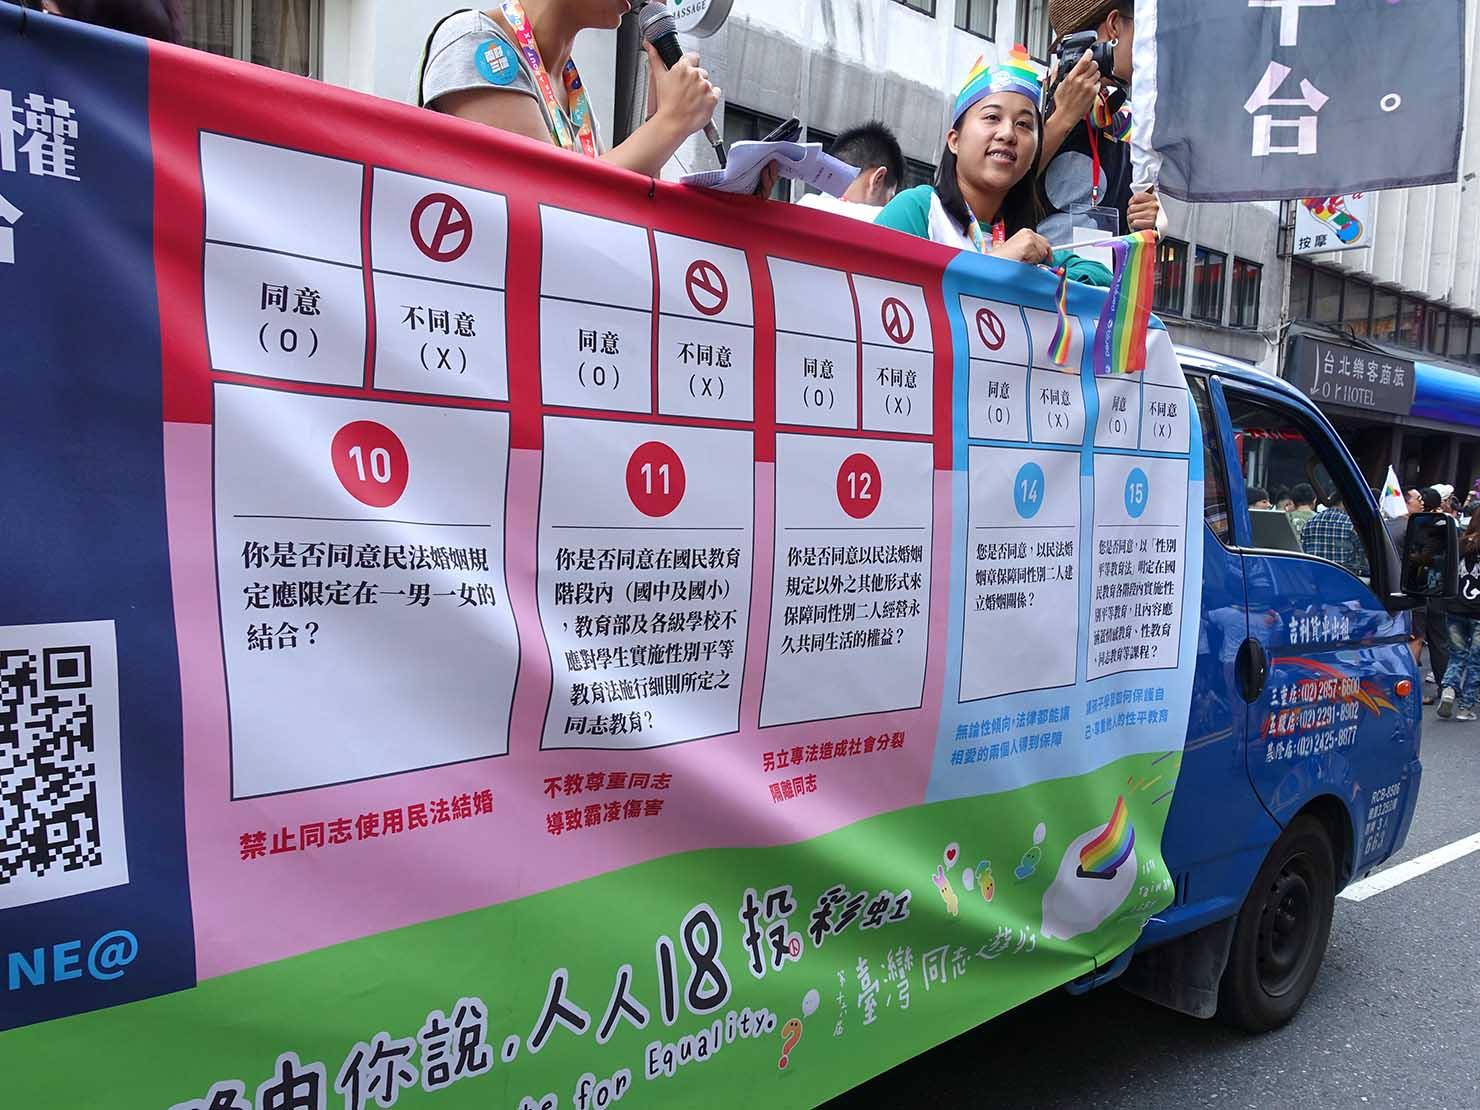 台灣同志遊行(台湾LGBTプライド)2018で国民投票への理解を訴えるパレードカー